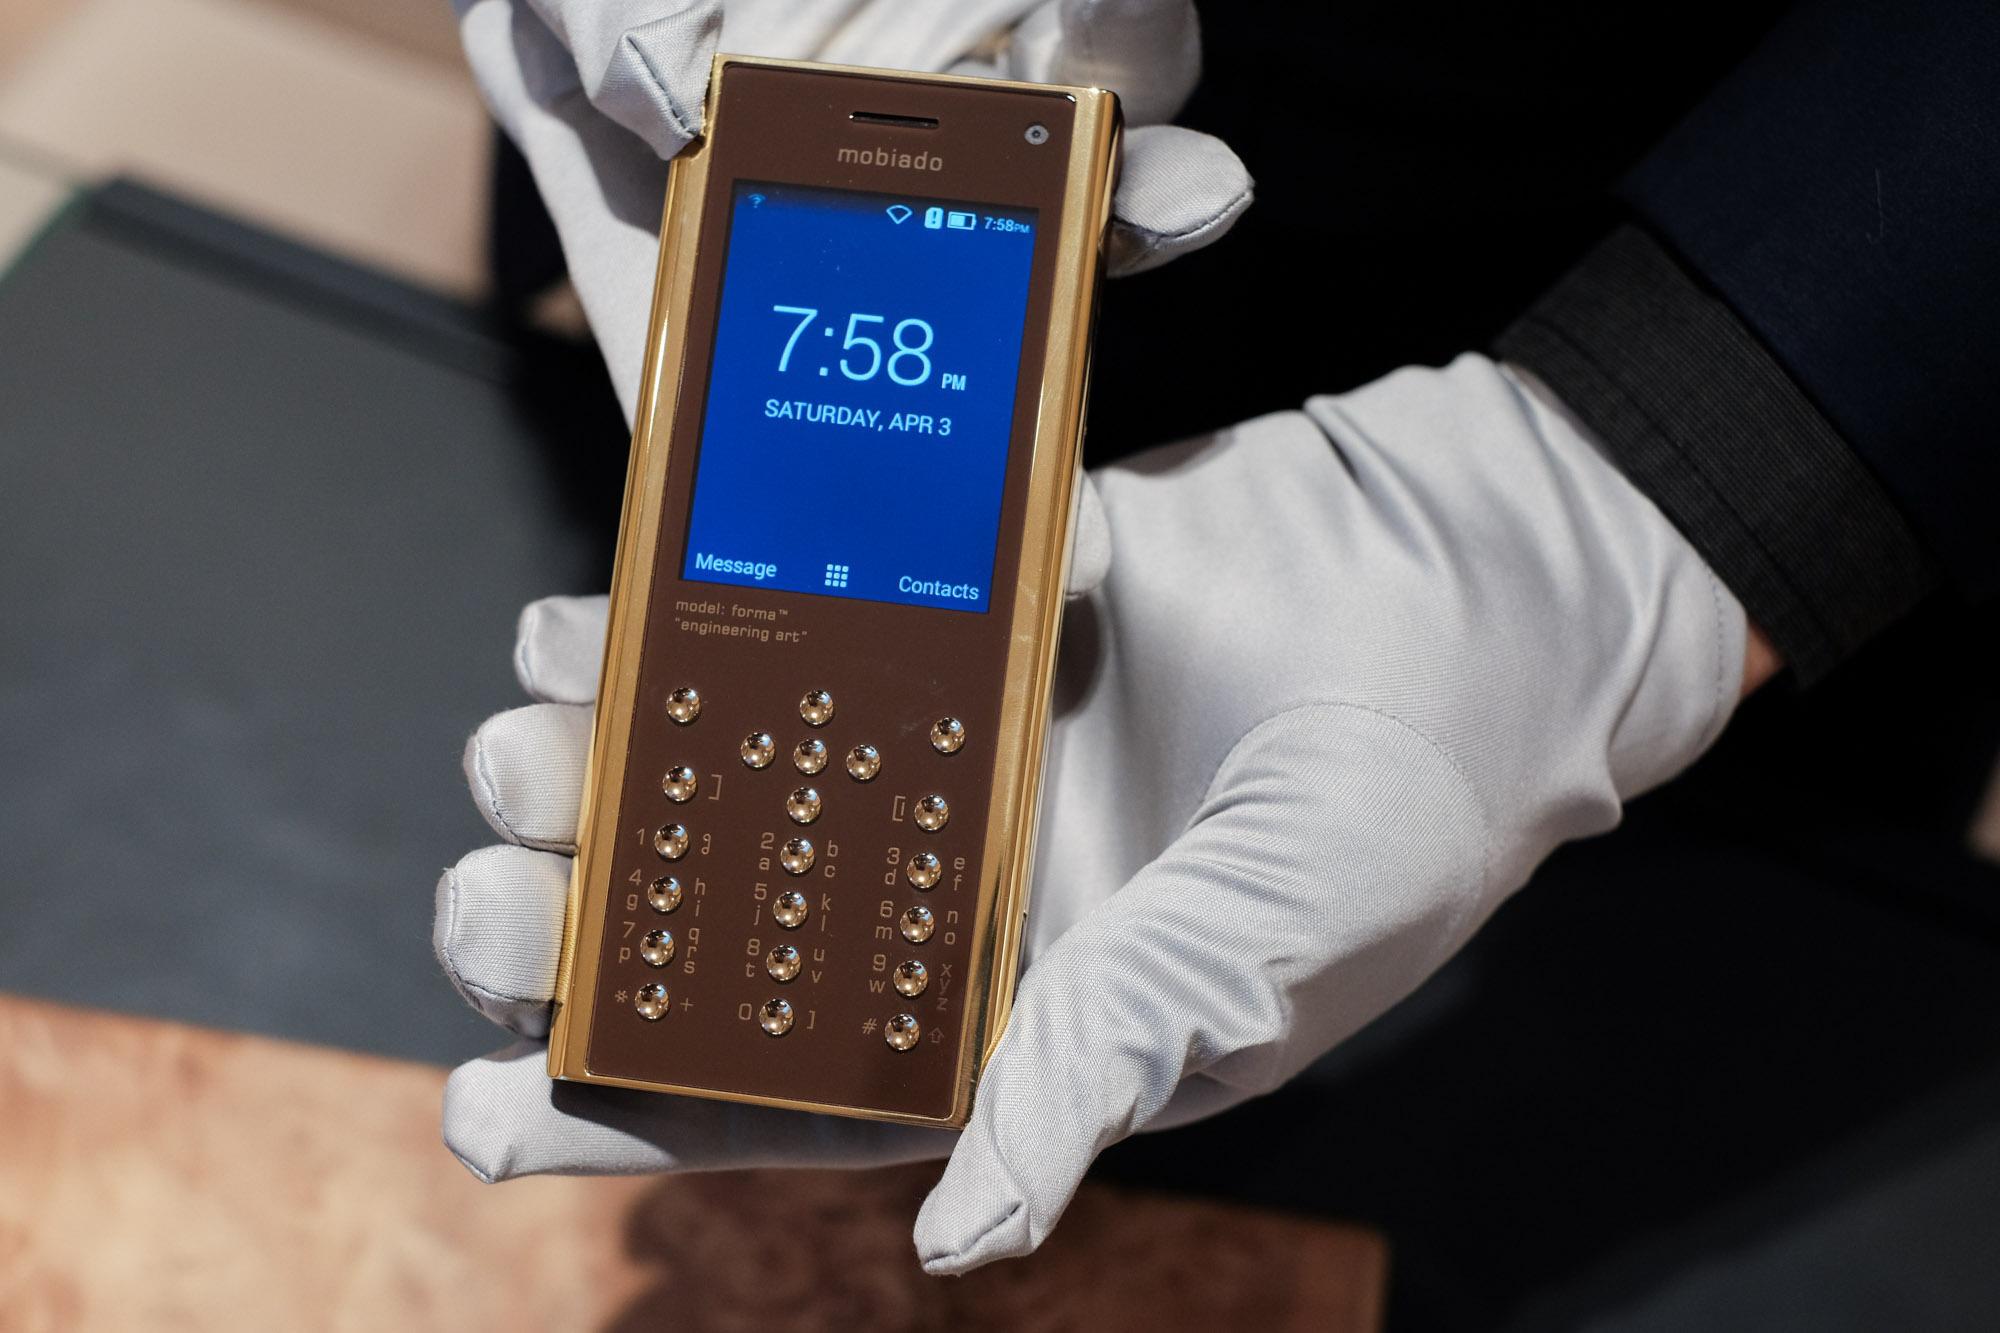 Ngắm nhìn điện thoại Mobiado hạng sang giá đắt nhất Việt Nam - Ảnh 1.